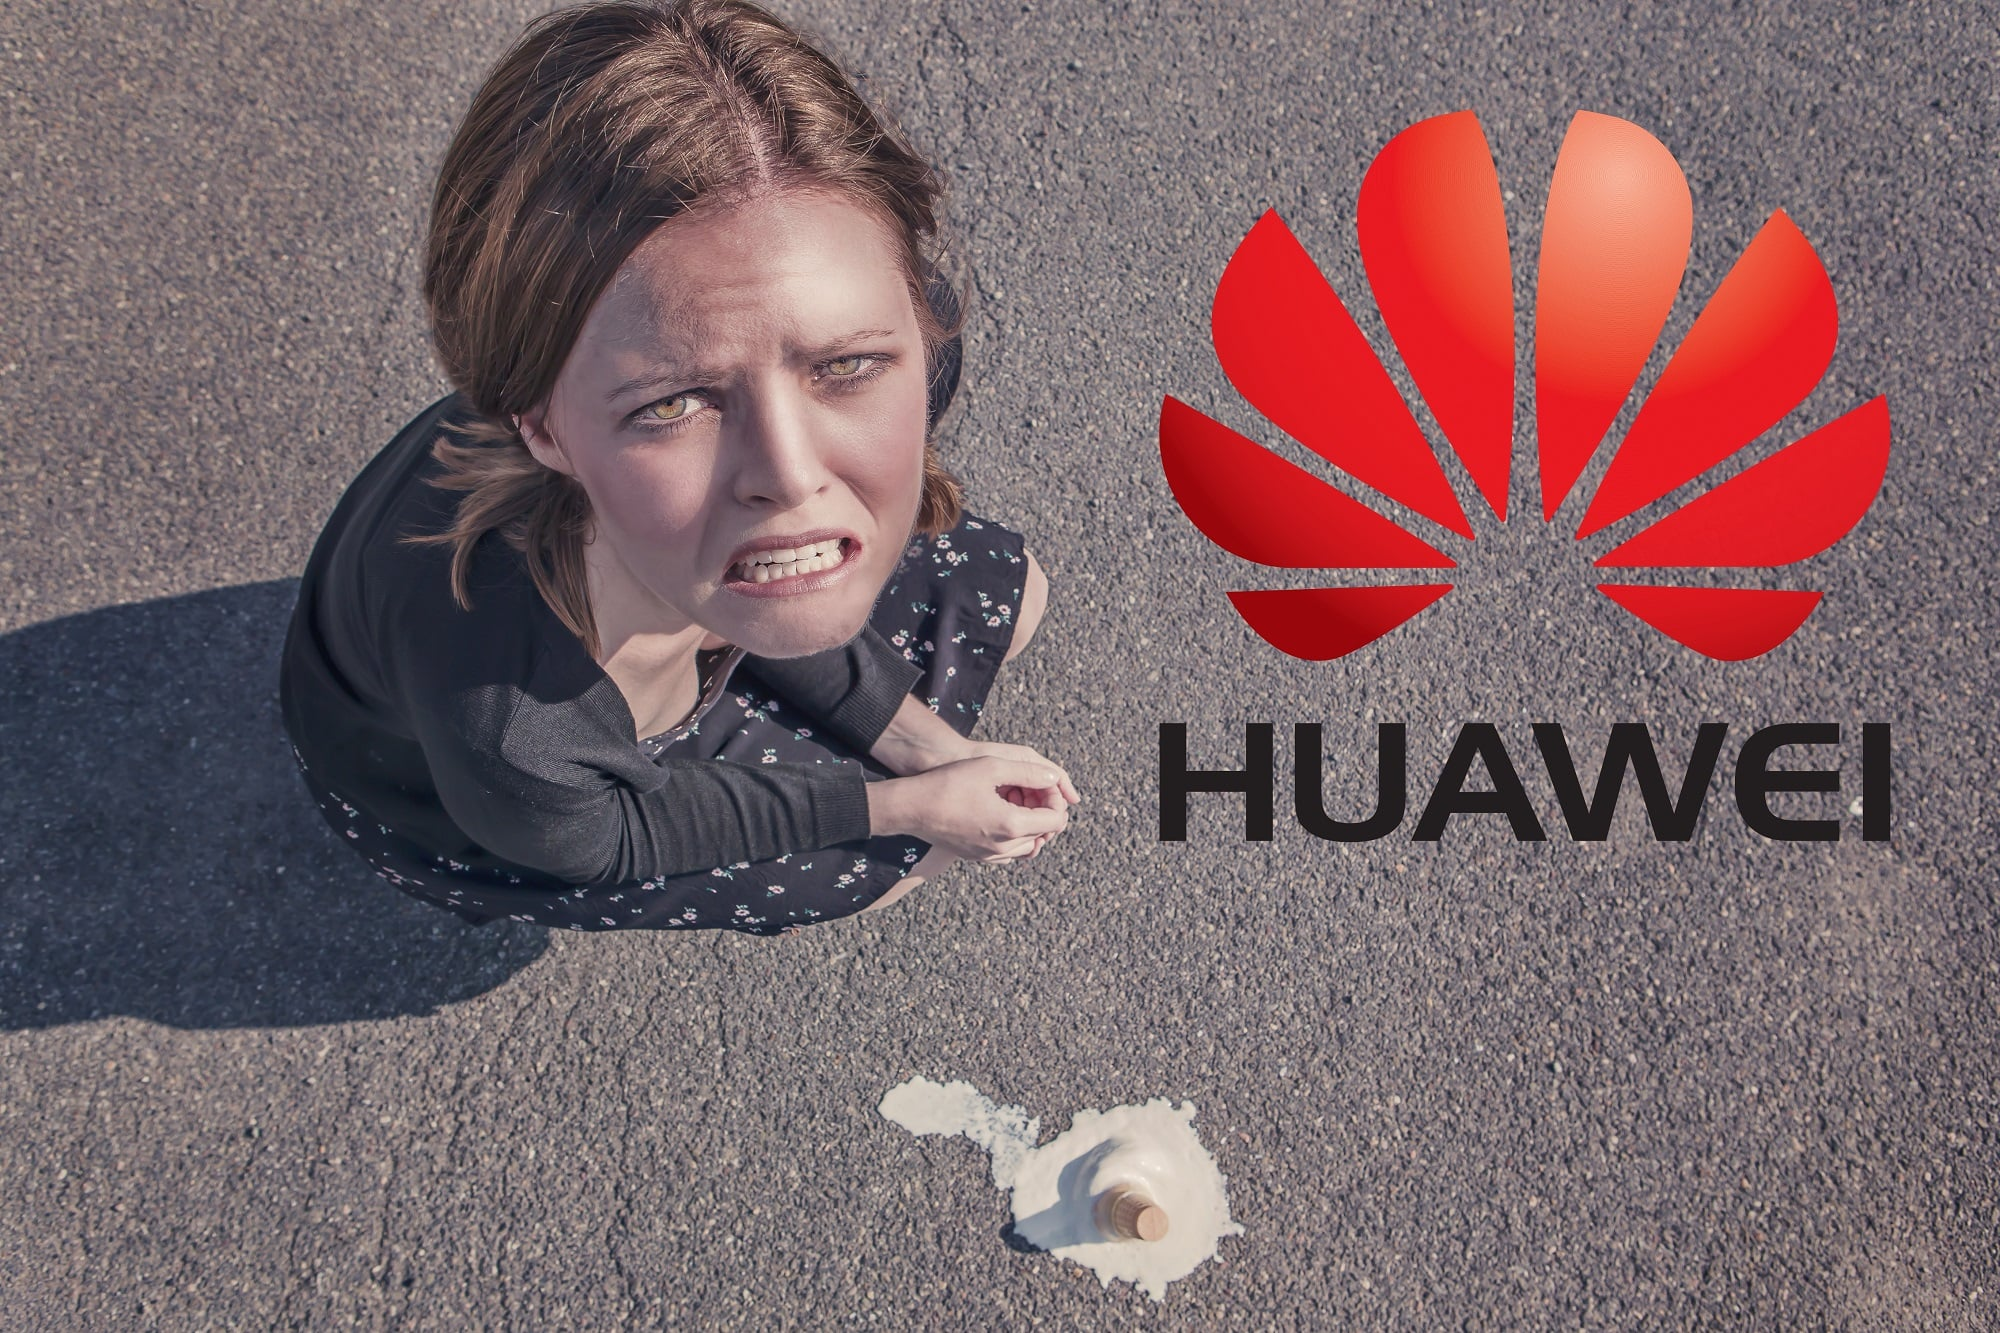 Amerykanie boją się urządzeń Huawei. Producentowi zarzuca się szpiegostwo 30